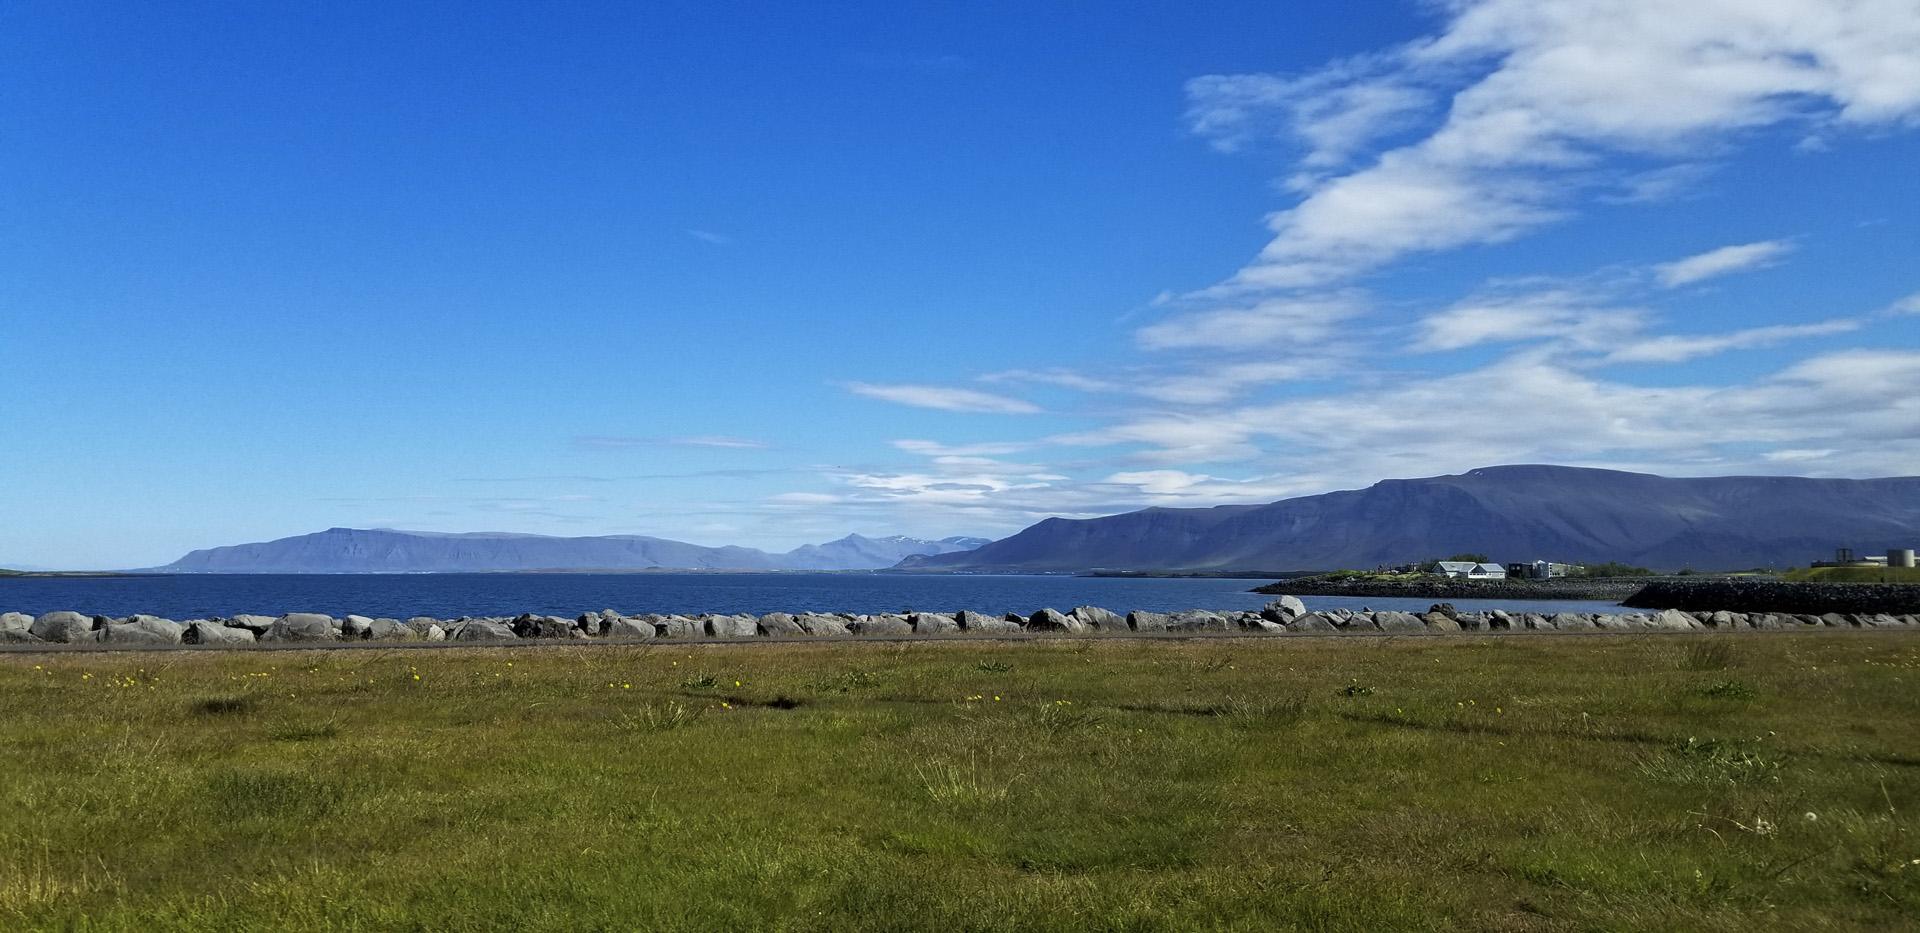 A view of Faxaflói bay from Sæbraut, Reykjavík, Iceland.